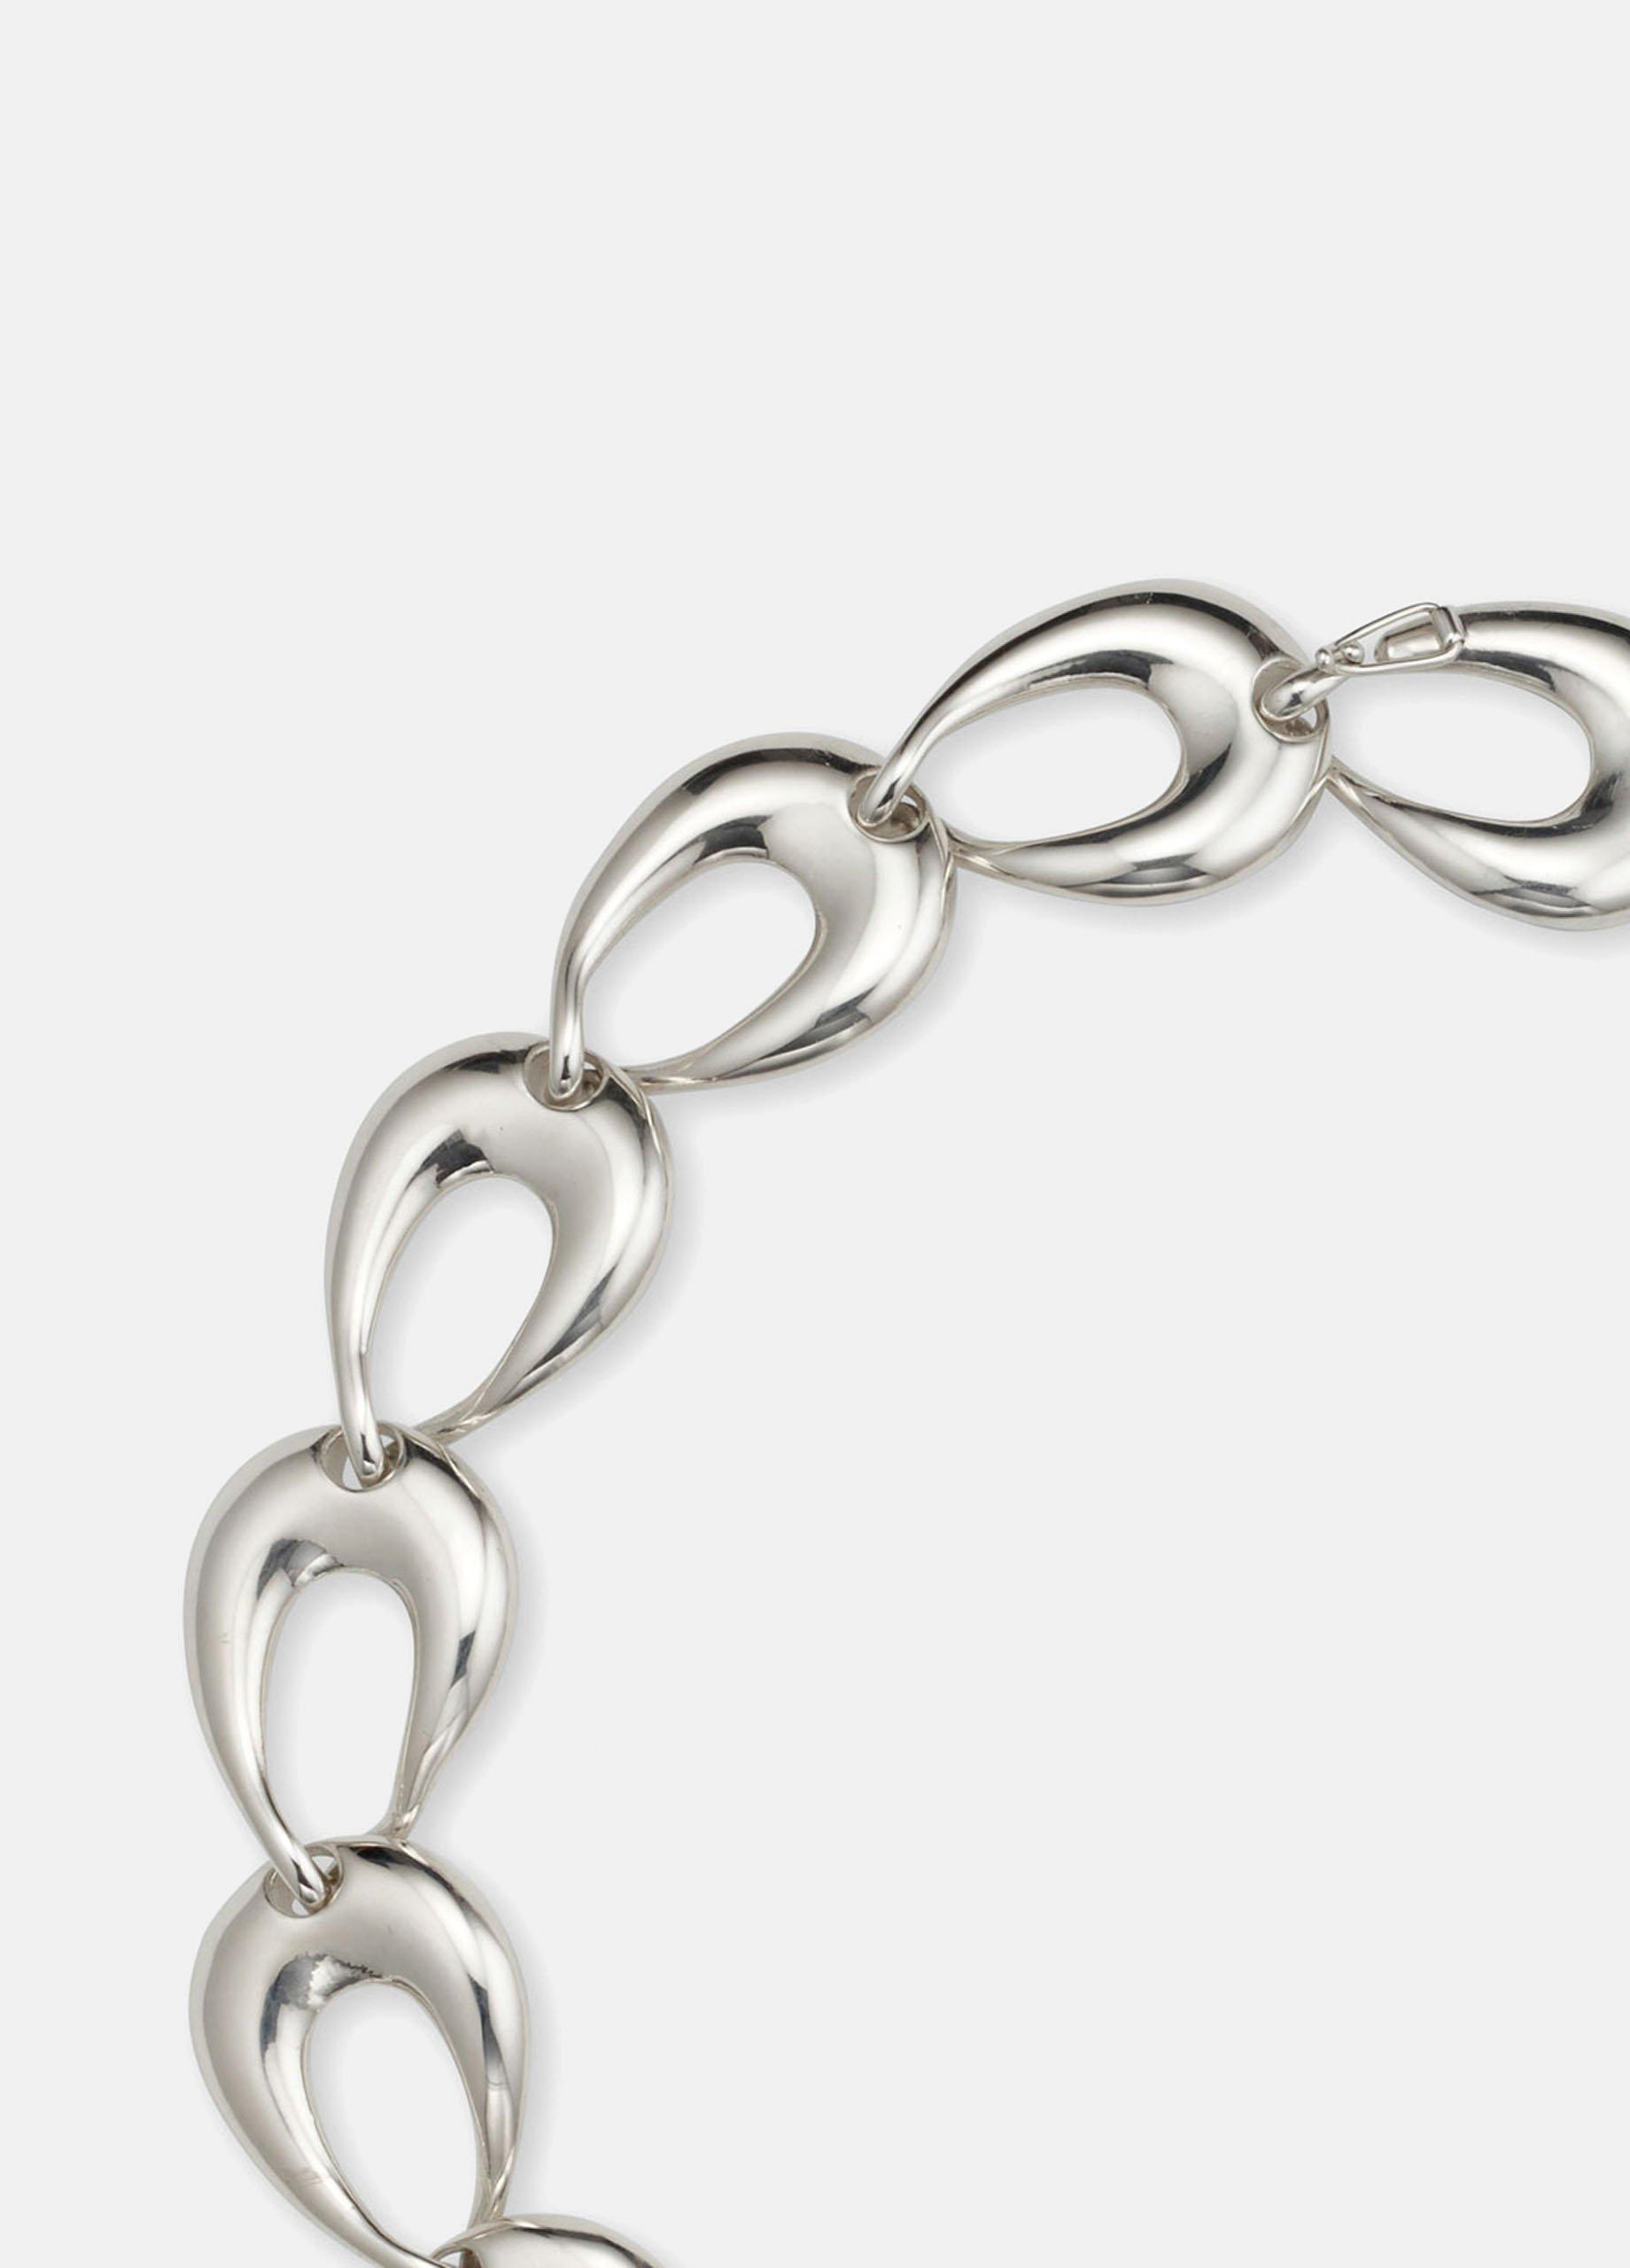 AGMES / Tilda Necklace